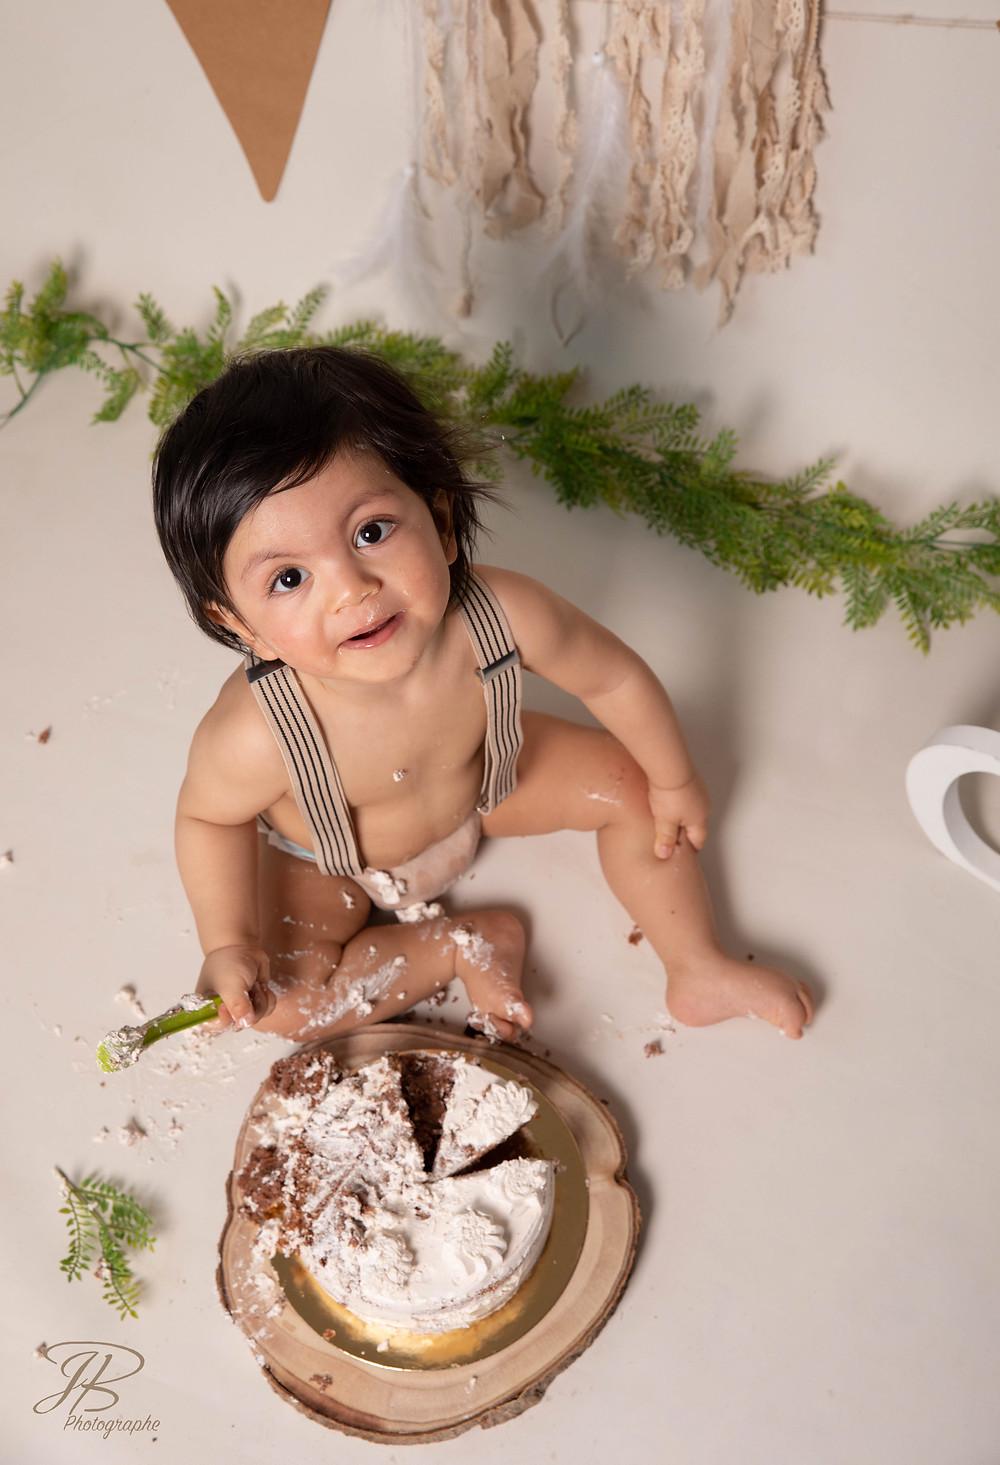 séance photo gâteau bébé photographe nature isere grenoble bourgoin izeaux saint marcellin valence romans